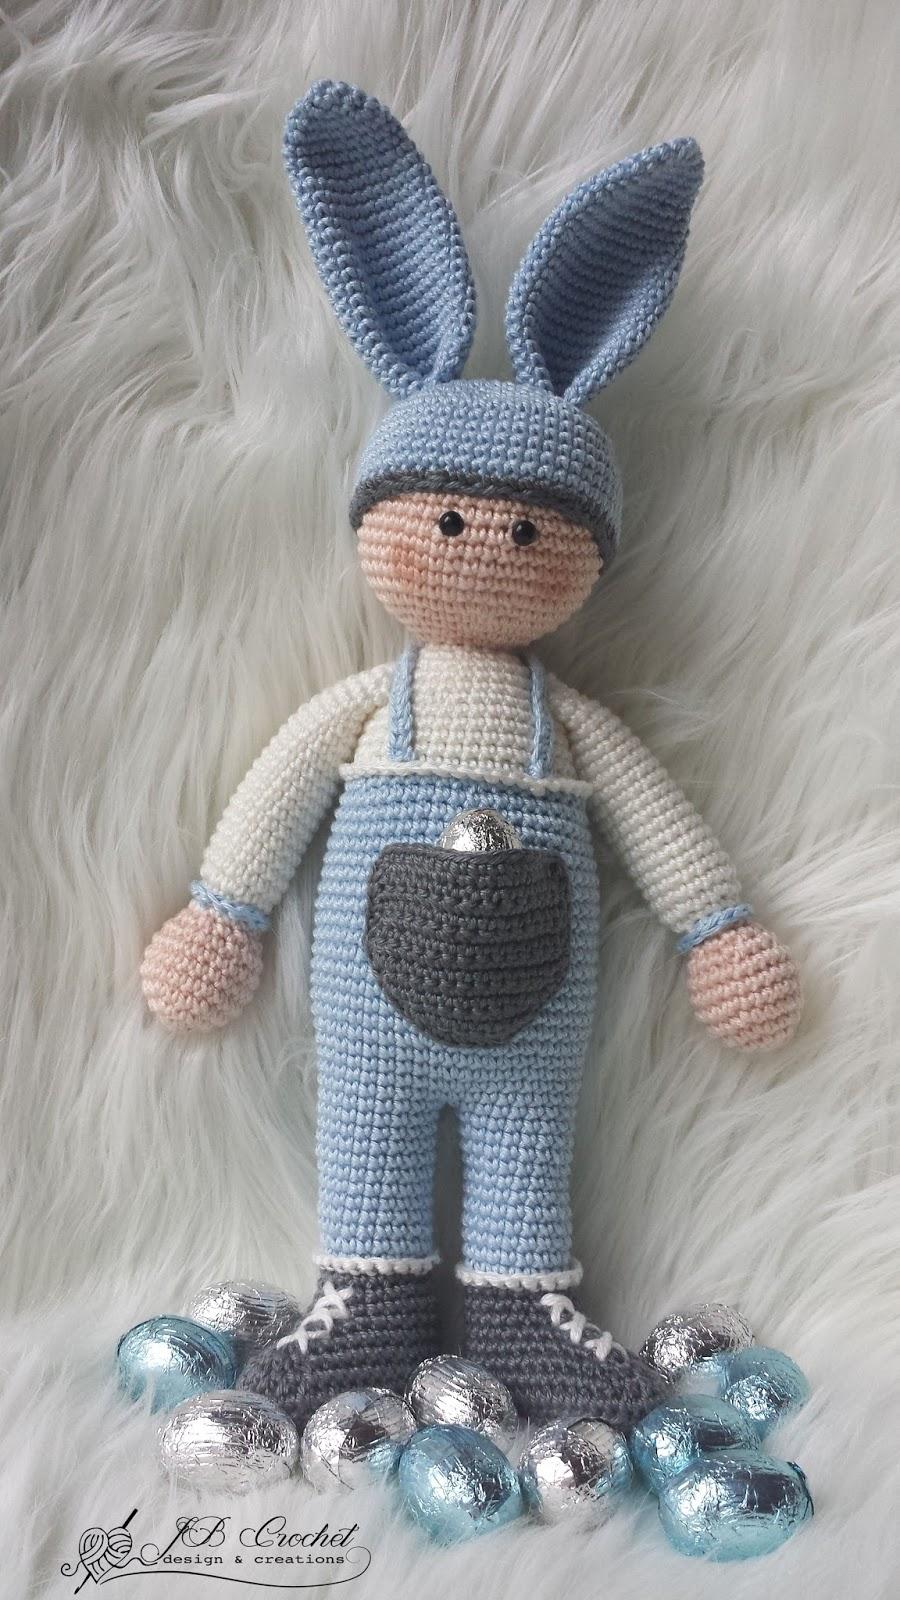 Jb Crochet Design Creations Beun En Bien De Paashazen